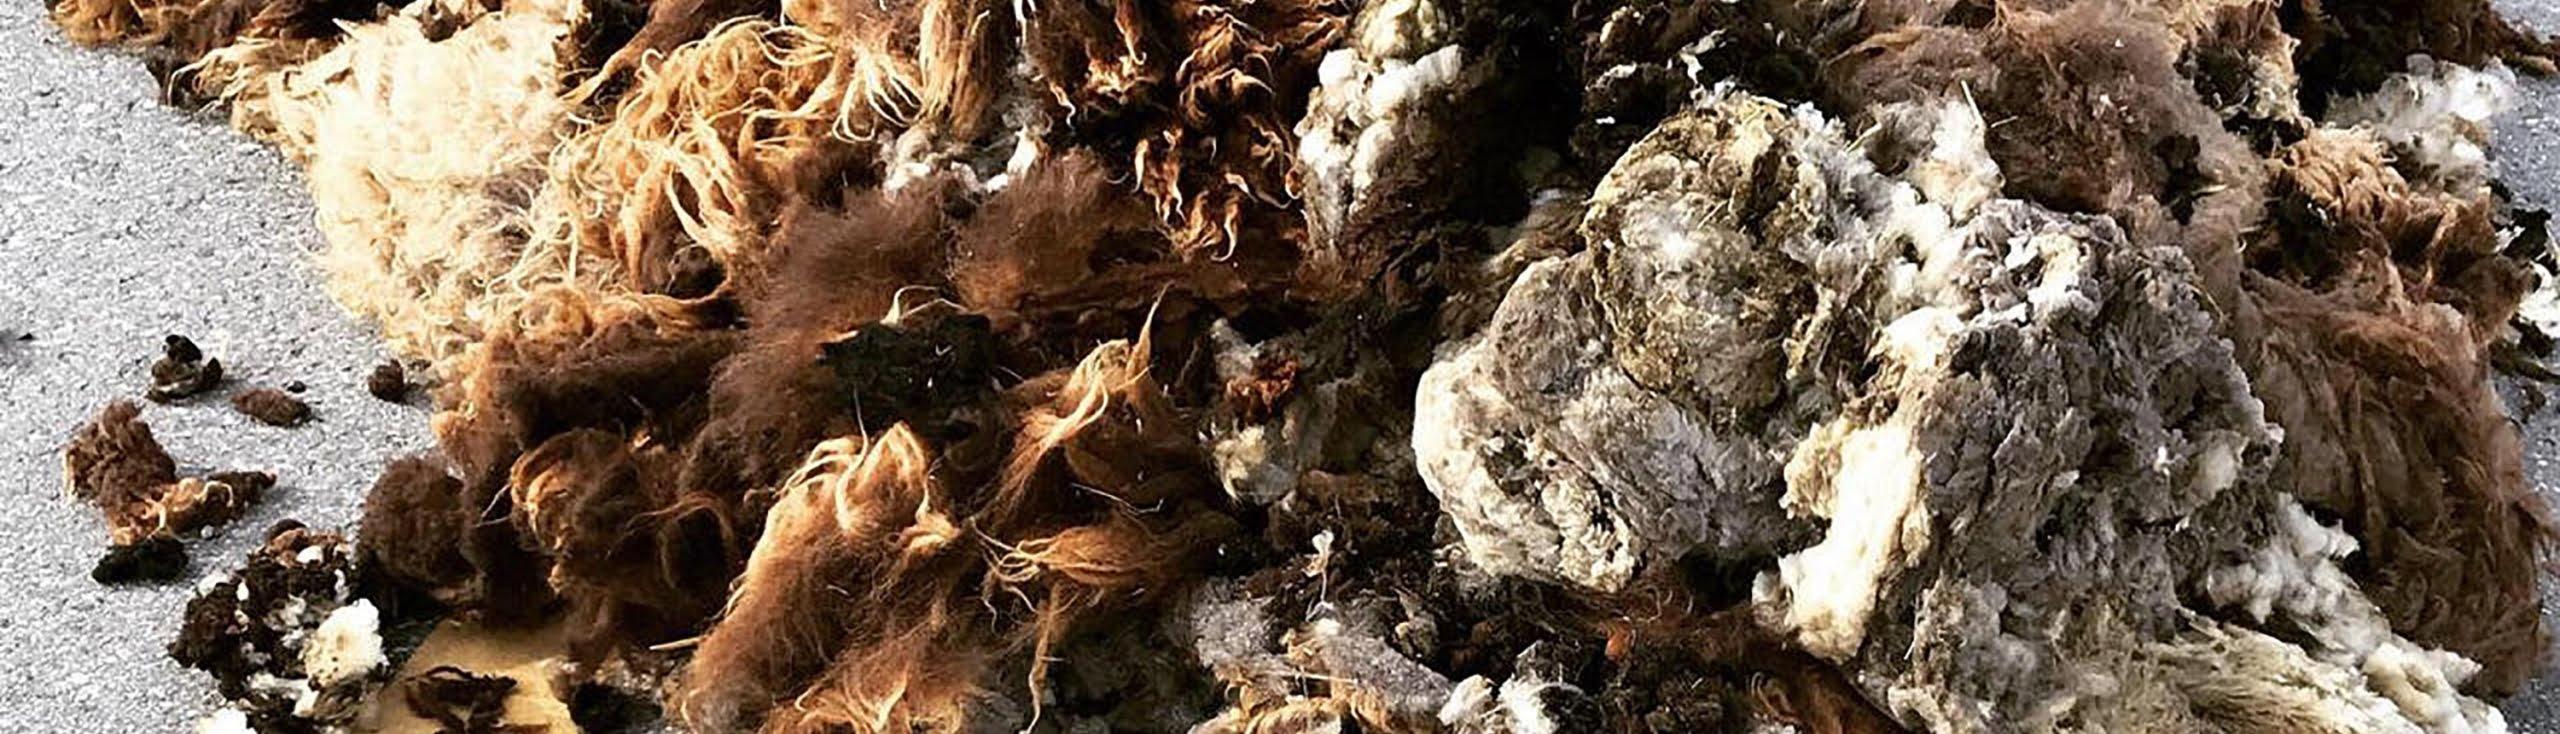 Swisswool_Schafschurwolle_Wollverarbeitung